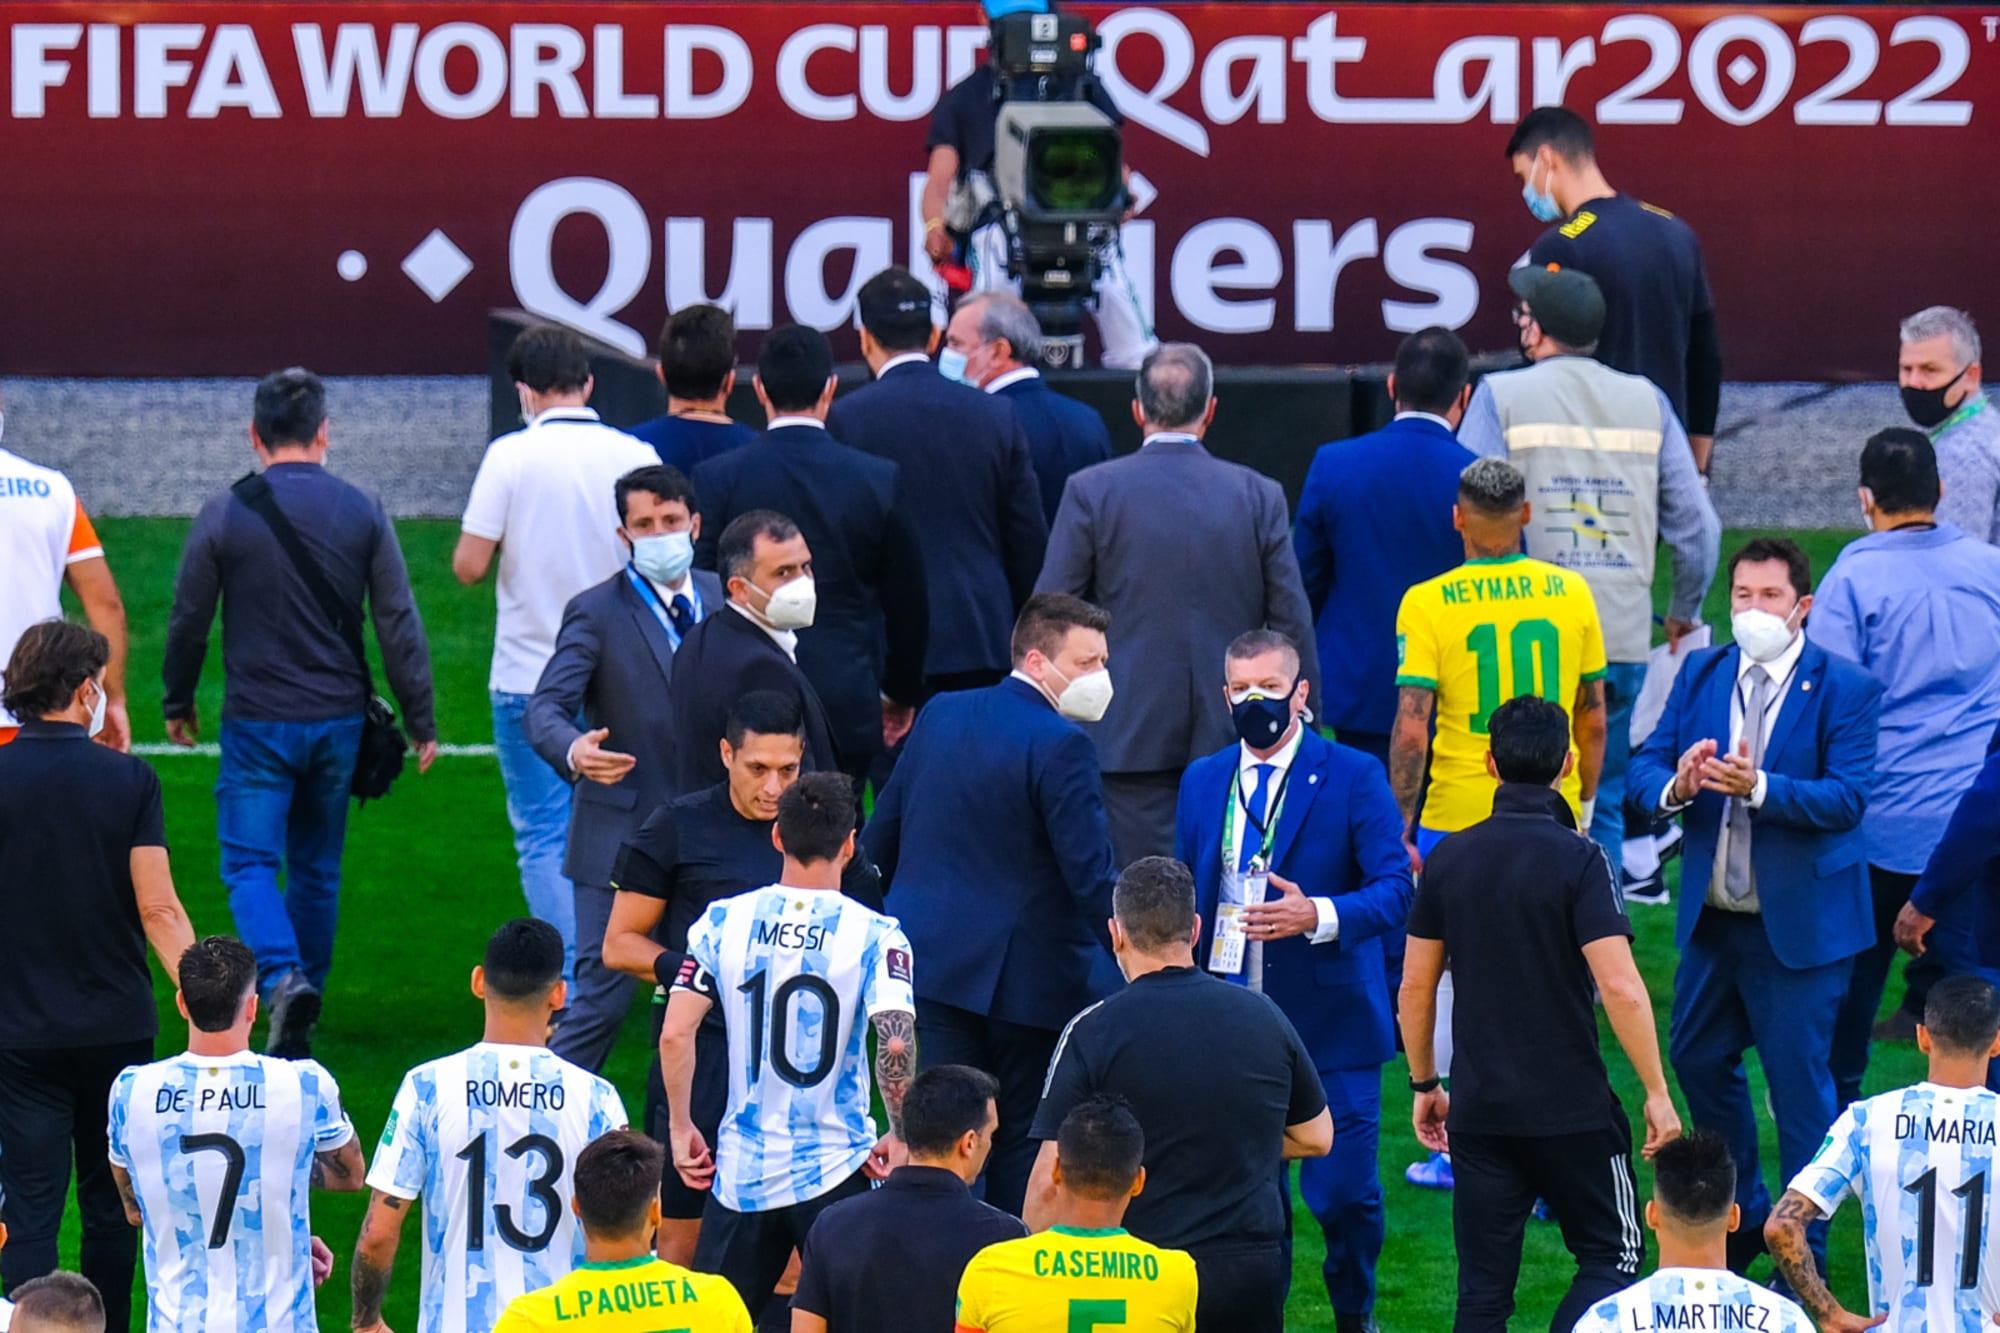 La pandemia pone en riesgo las eliminatorias mundialistas tras la suspensión Brasil-Argentina